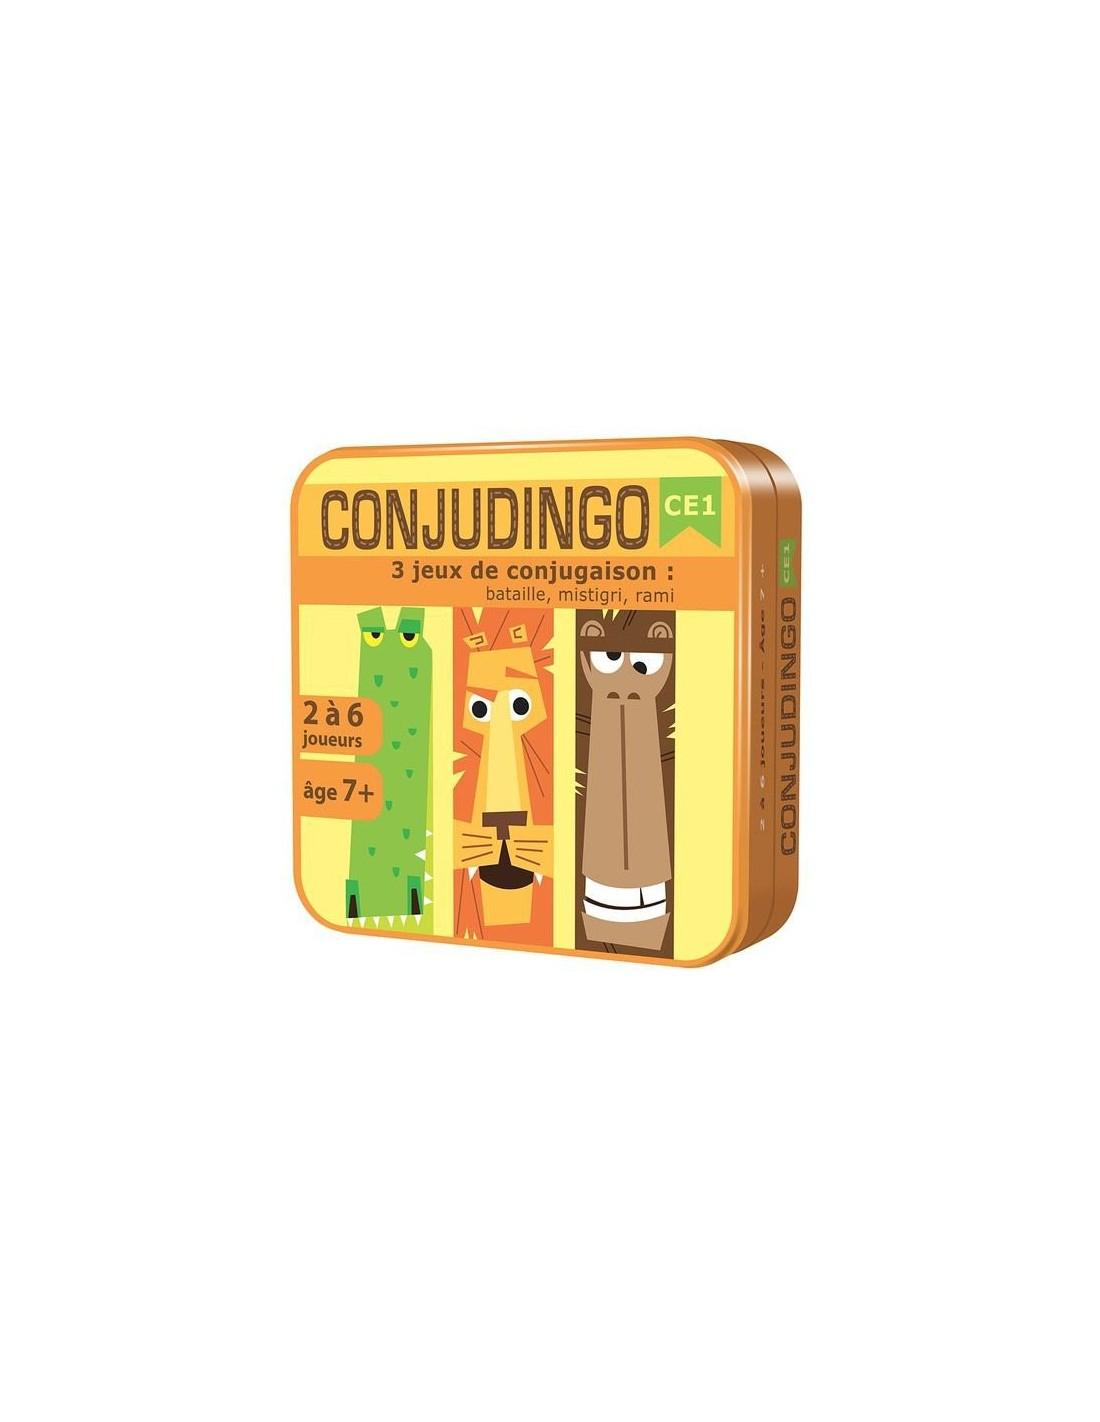 Conjudingo Ce1 - Jeu Éducatif De Conjugaison - Lapouleapois.fr tout Jeux Educatif Ce1